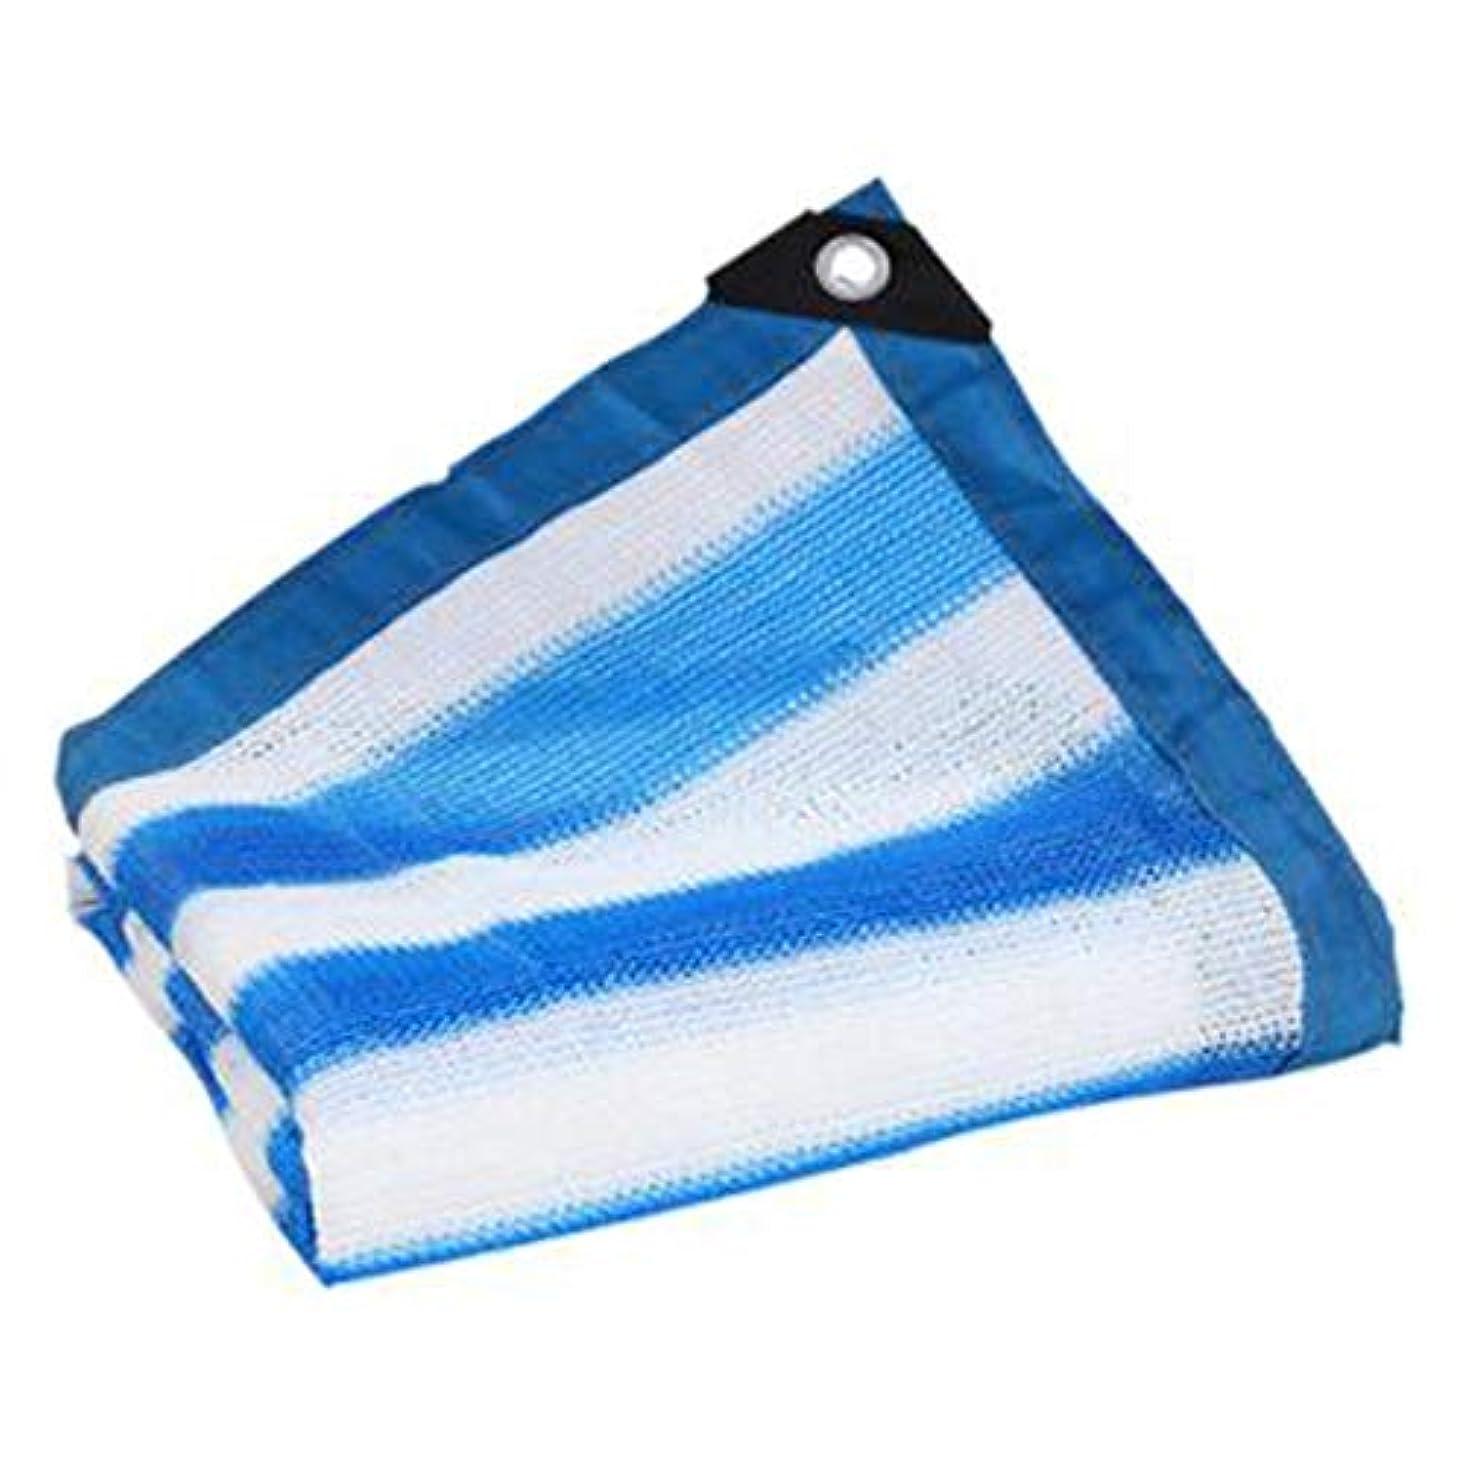 薬先気取らない遮光布 遮光ネット ポリエチレン、 厚い暗号化 6ピン密度 25サイズ シェードシェード/ルーフ冷却,blue+white,2*2m